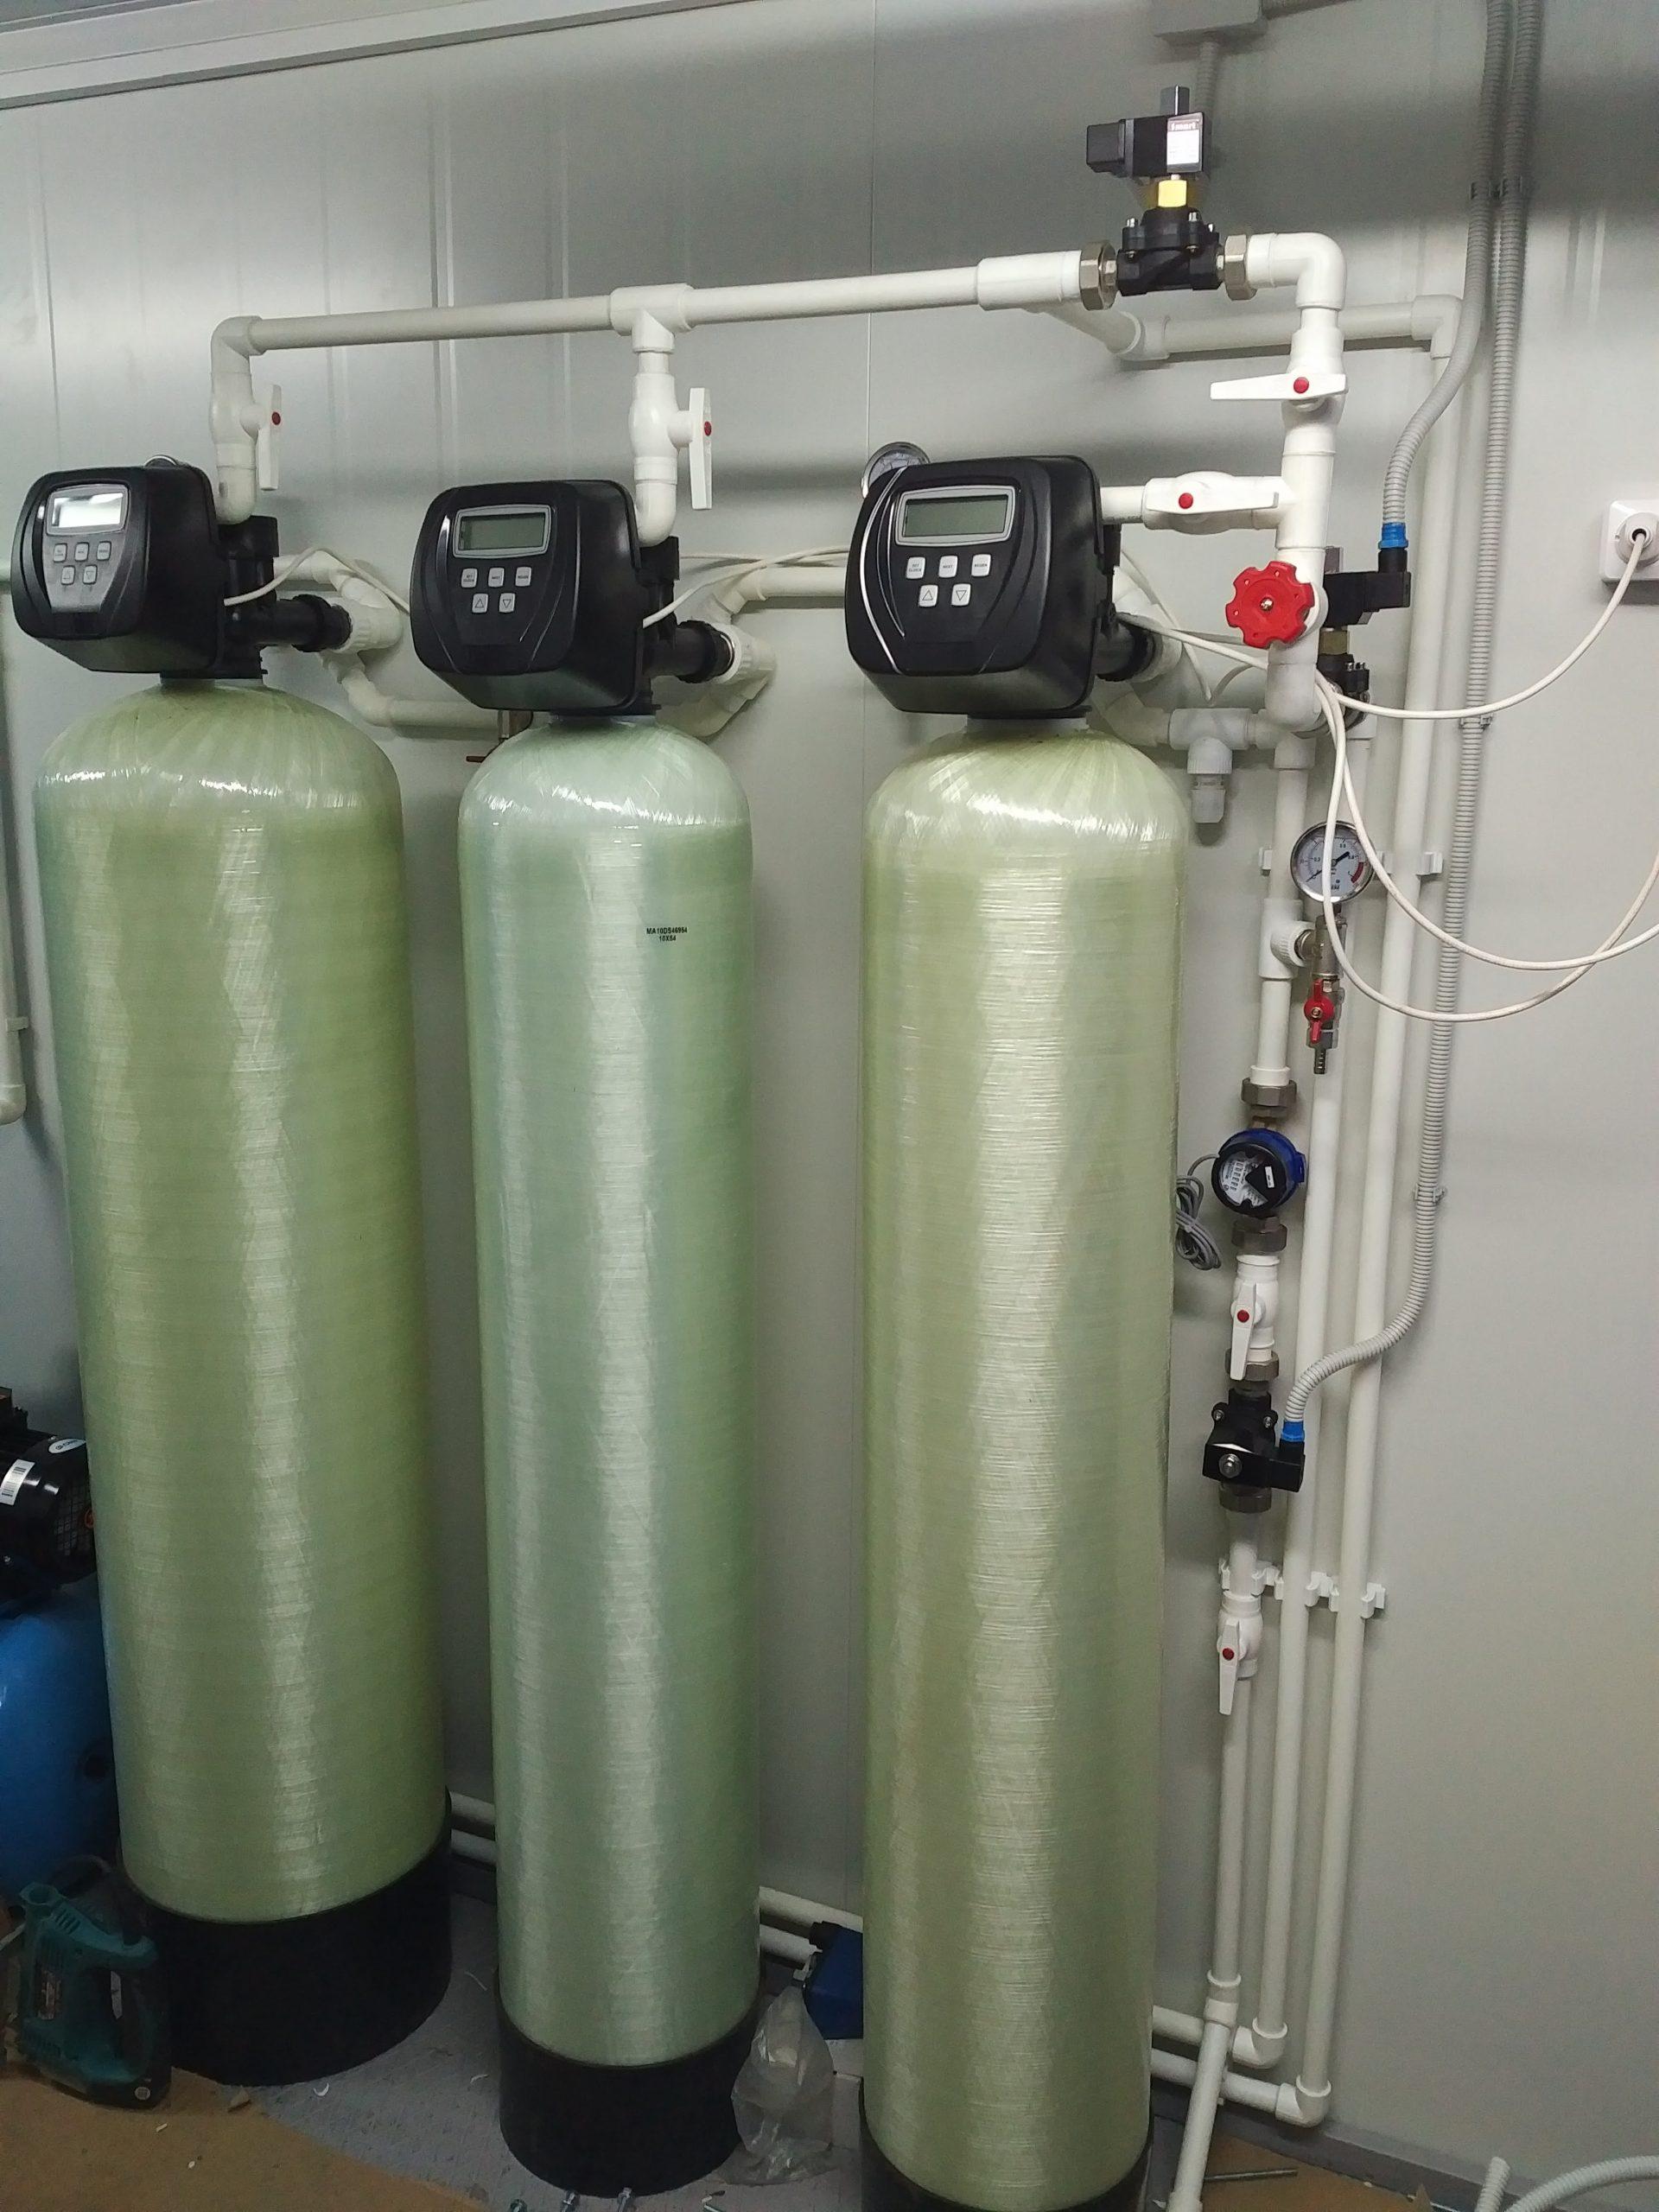 тех обслуживание систем водоочистки в спб